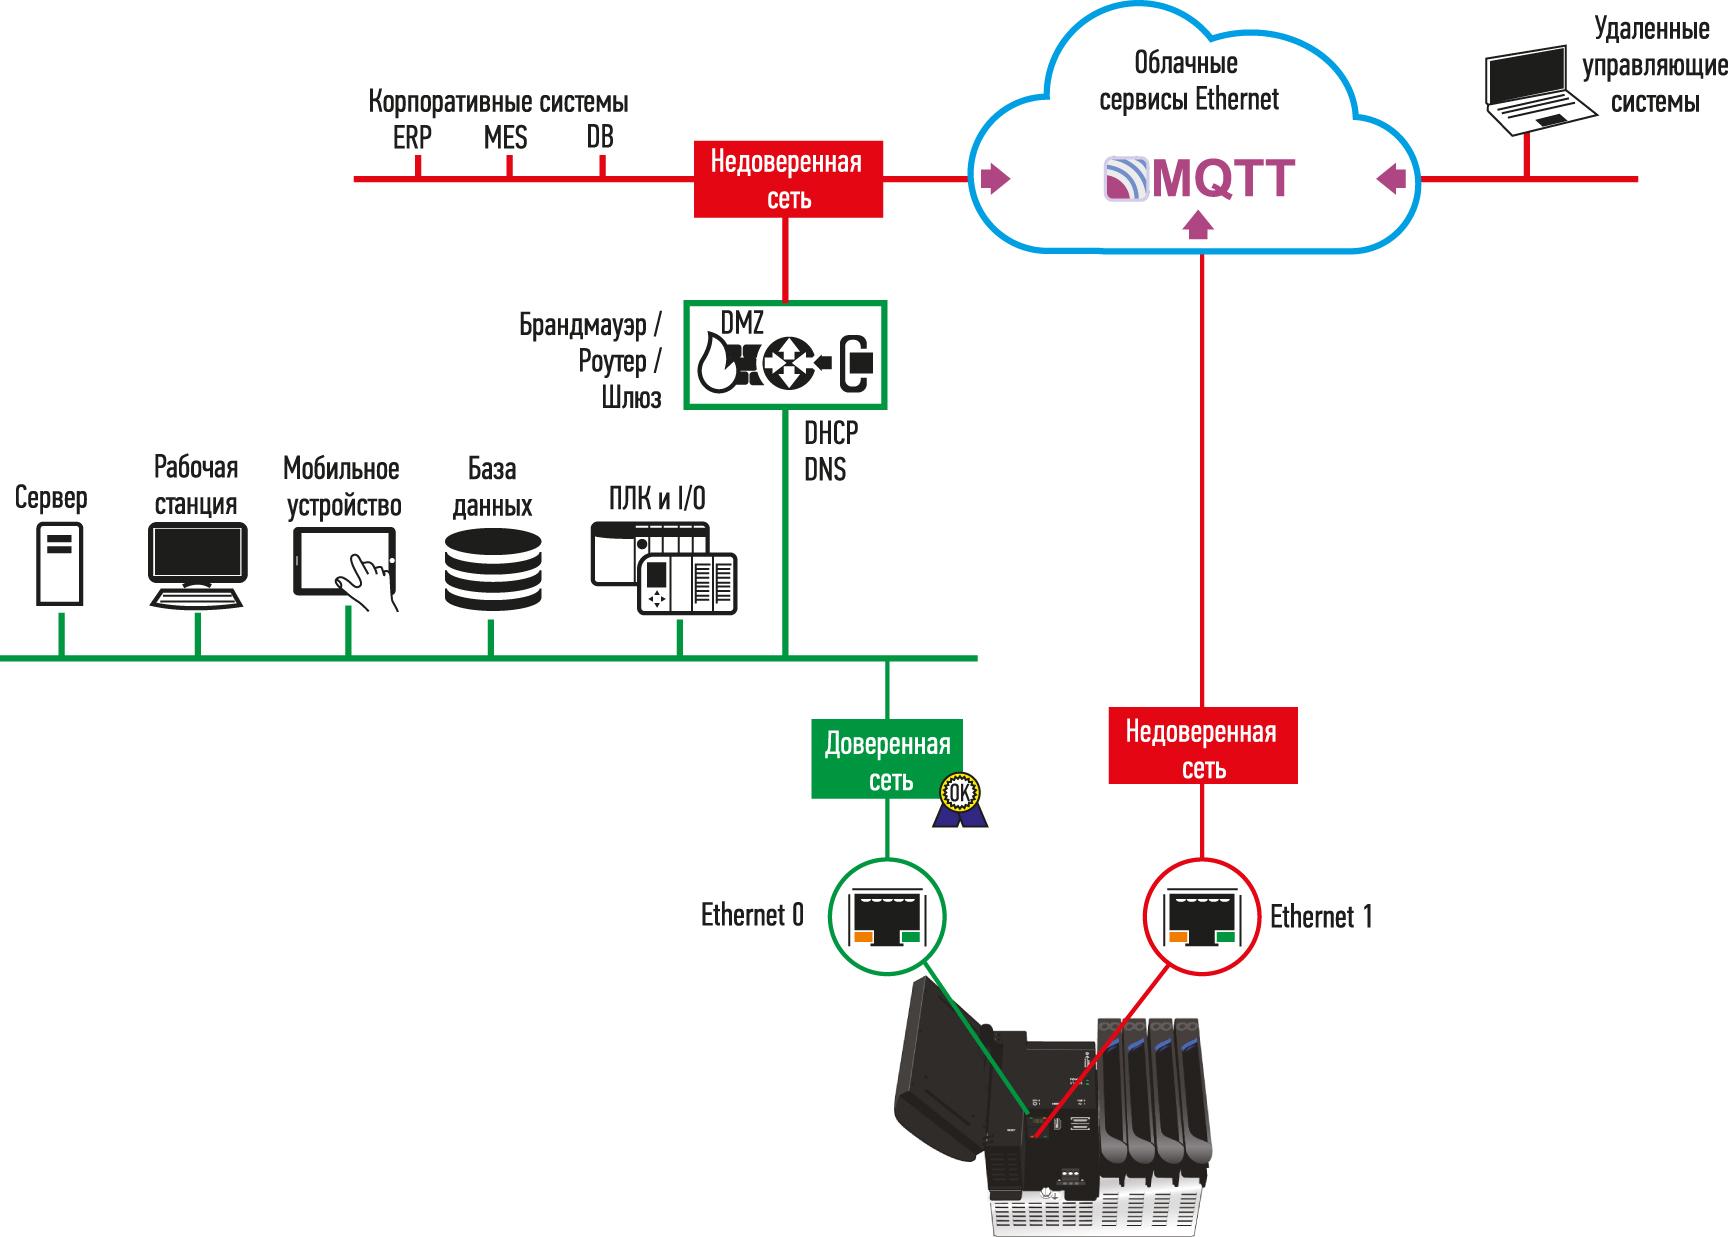 Исходящие протоколы, такие как MQTT, позволяют контроллерам безопасно инициировать соединения для передачи данных через брандмауэр и, не требуя открытия входящих портов, обеспечивают лучшую безопасность